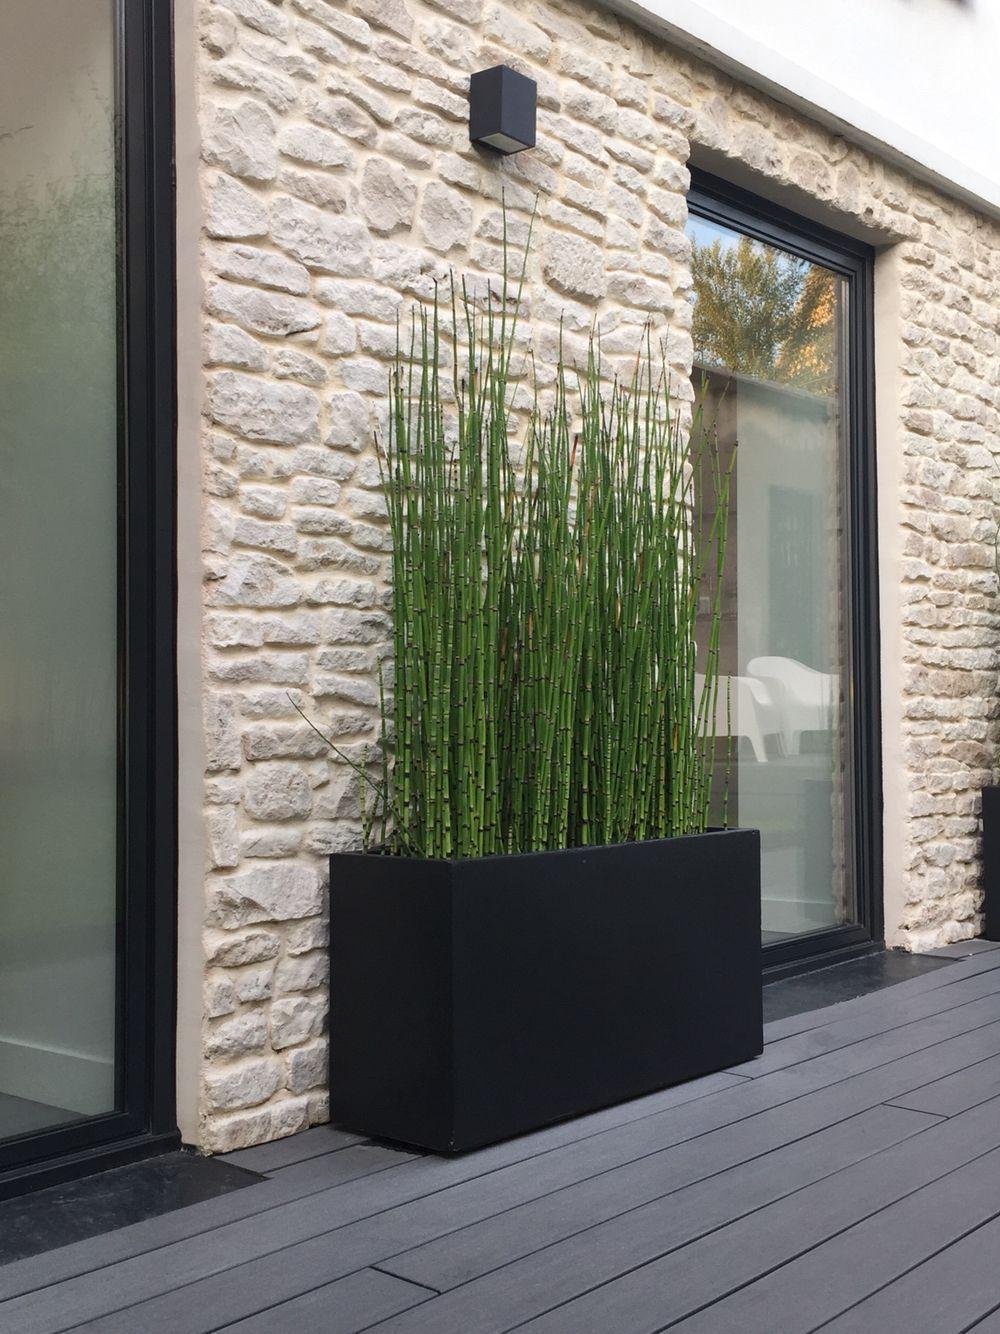 Pr le japonaise nouvel appartement pinterest jardins decoration jardin et terrasse jardin - Decoration japonaise pour jardin ...